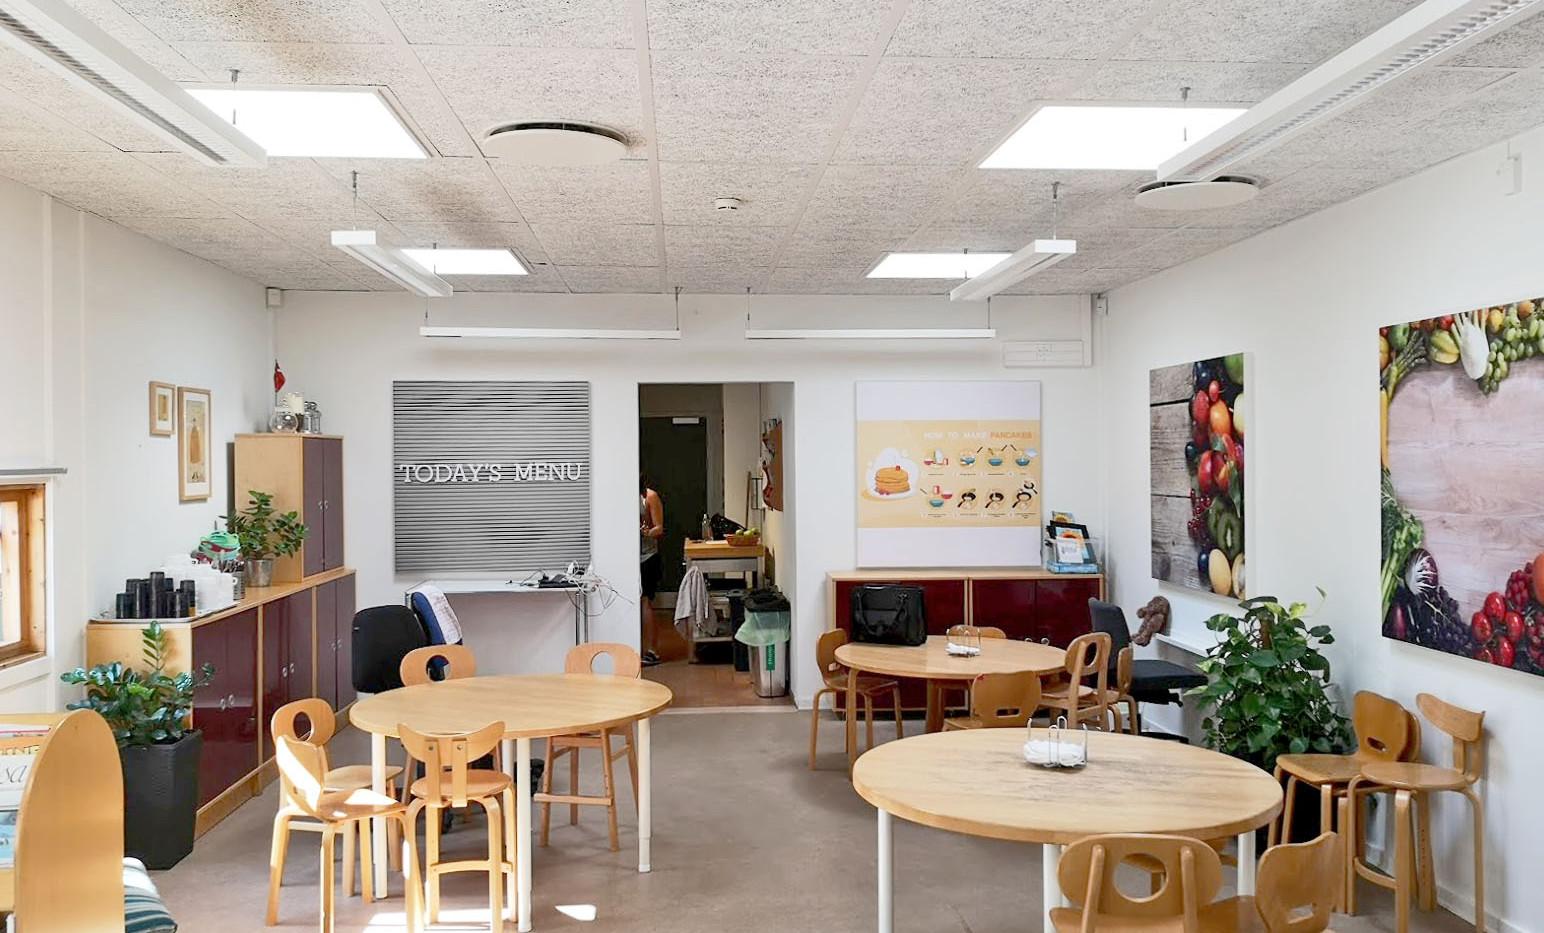 Akustikbilleder med mad motiver i børnehave, hvor de spiser